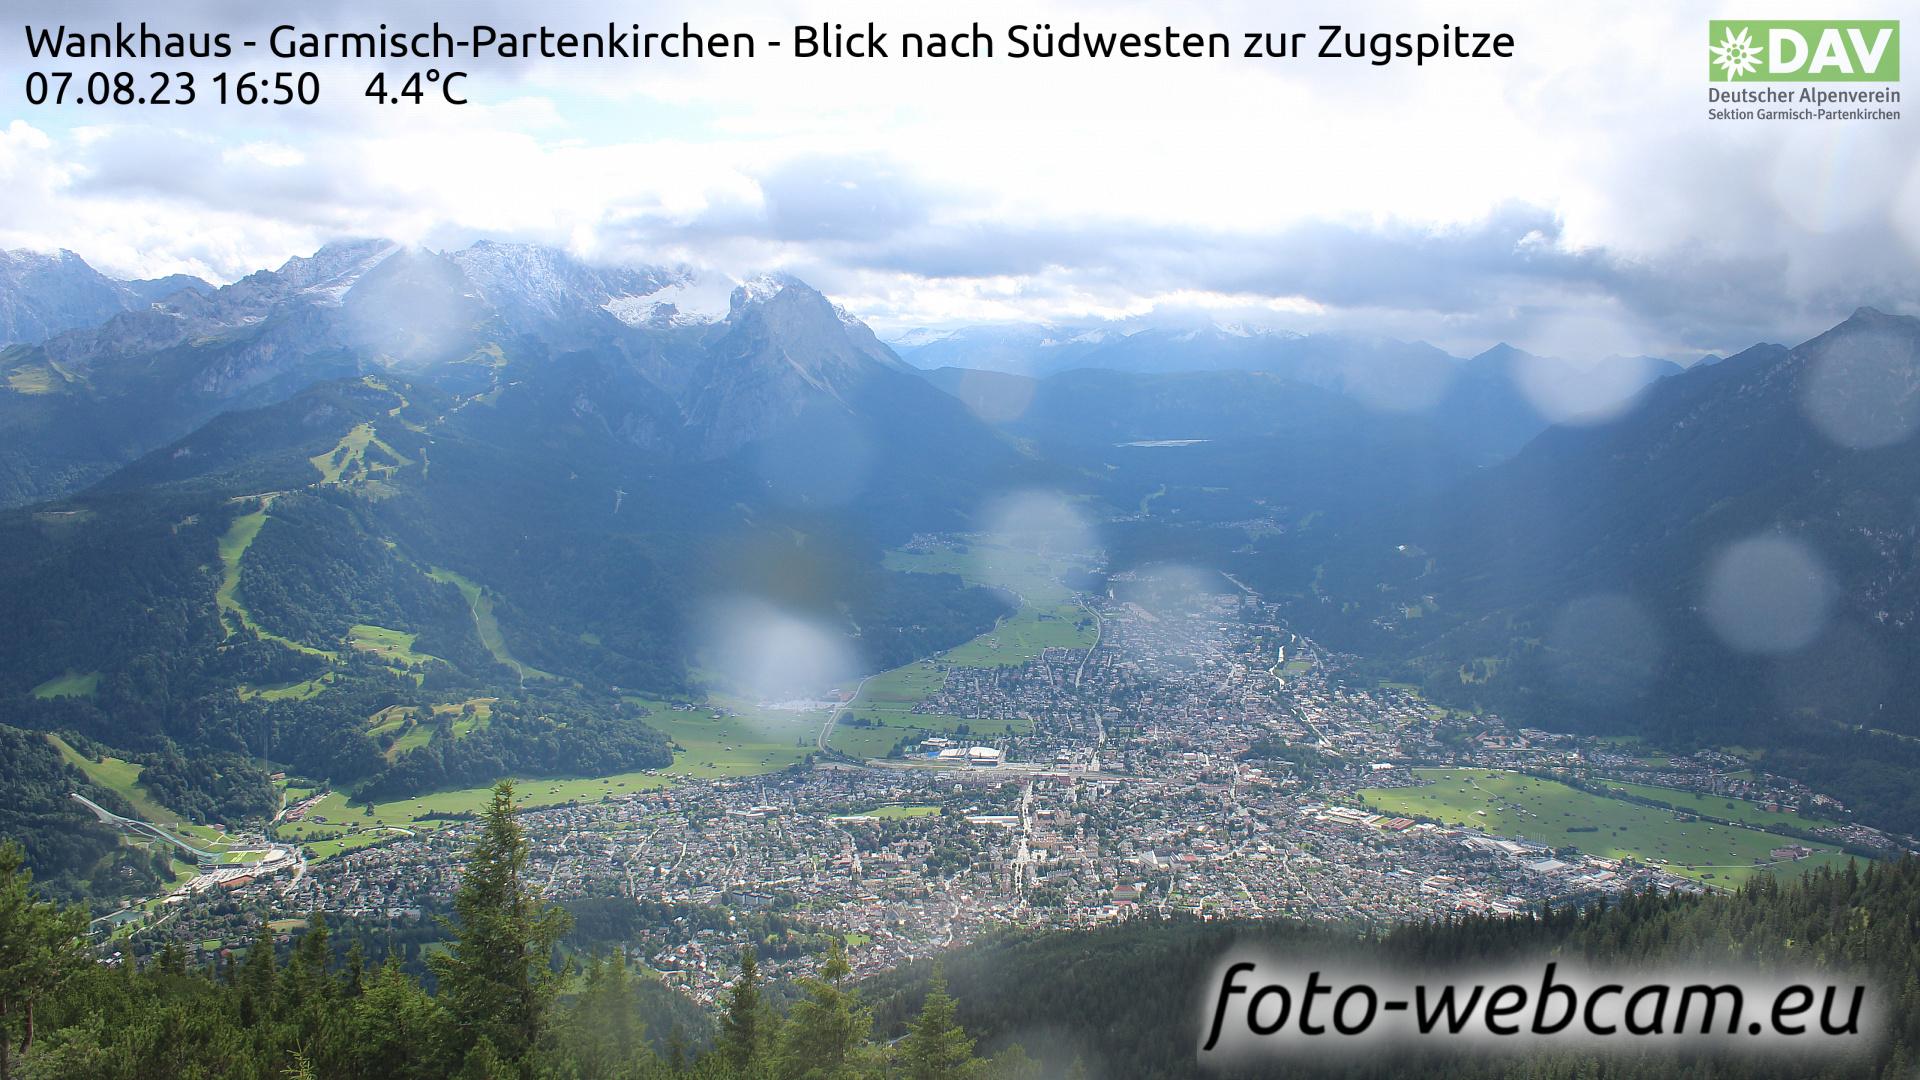 Garmisch-Partenkirchen Mon. 16:52